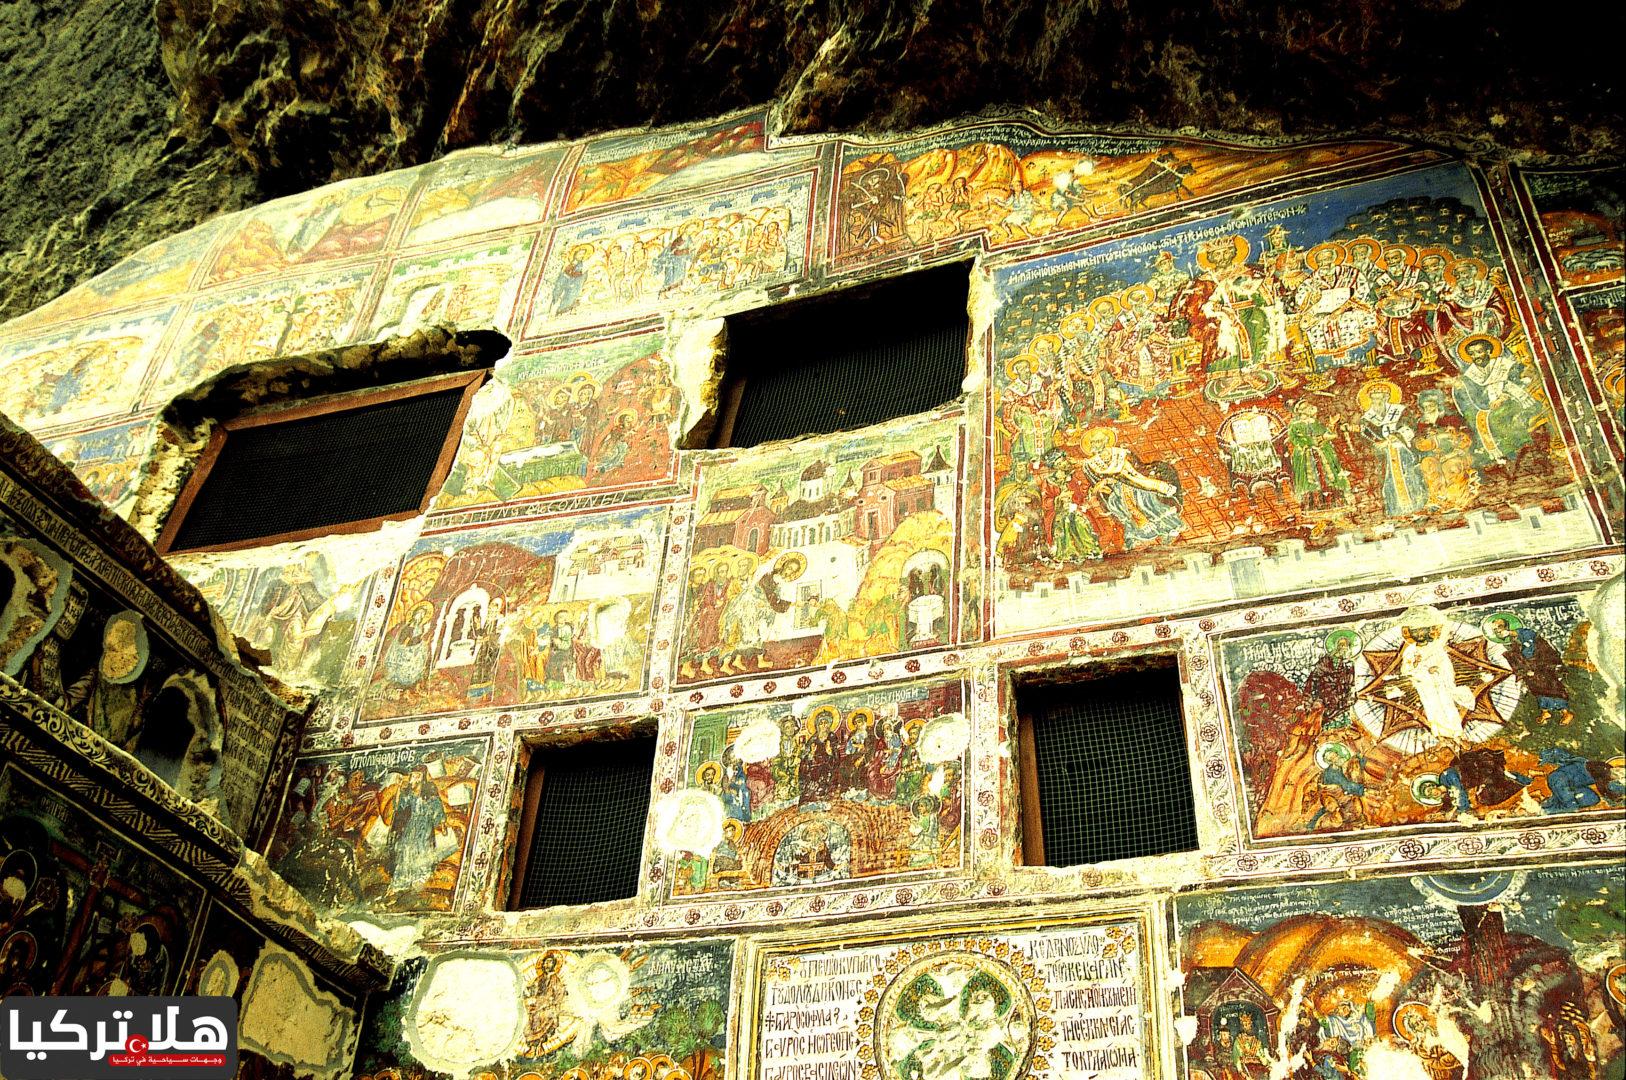 الرسومات داخل الدير